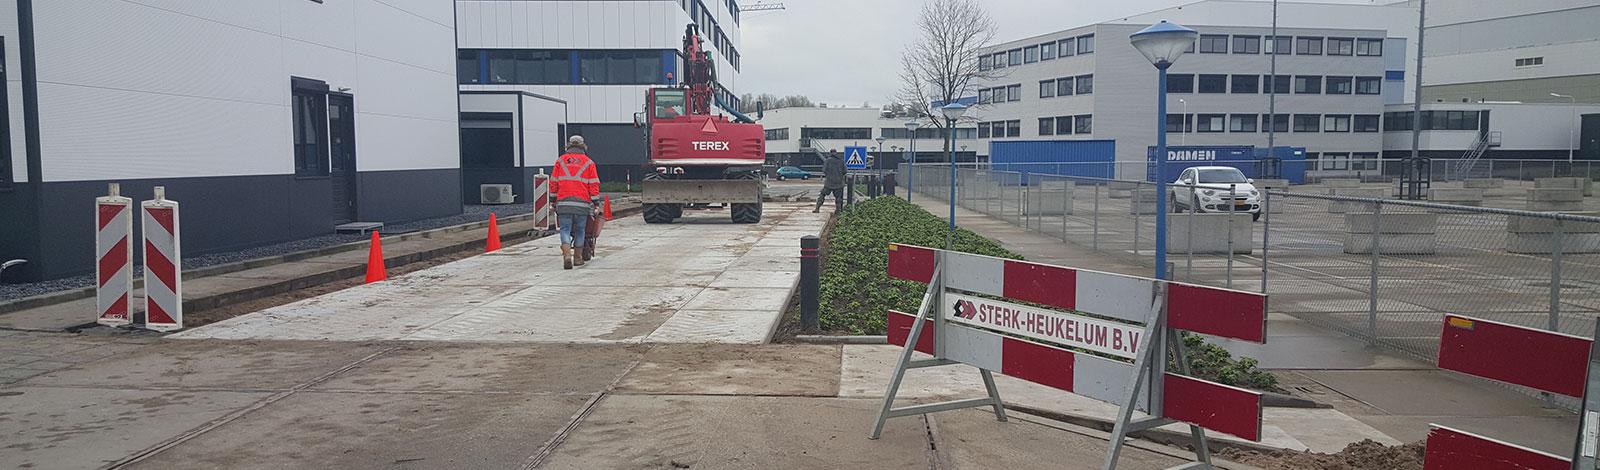 Sterk Heukelum - aannemer in grondwerken en machineverhuur banner 3